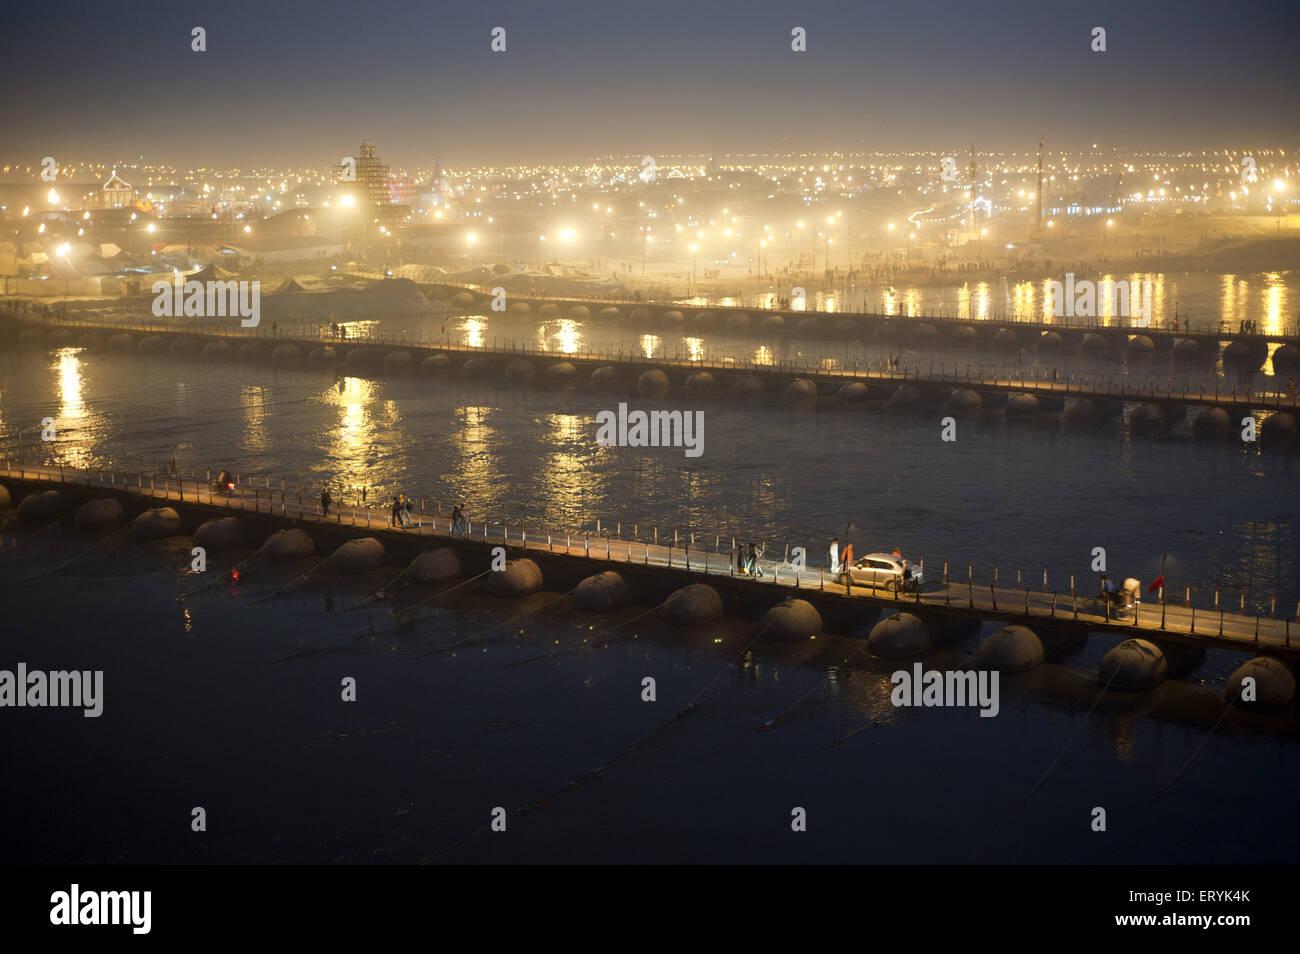 Pontoon Bridges near Triveni Sangam at uttar pradesh India - Stock Image